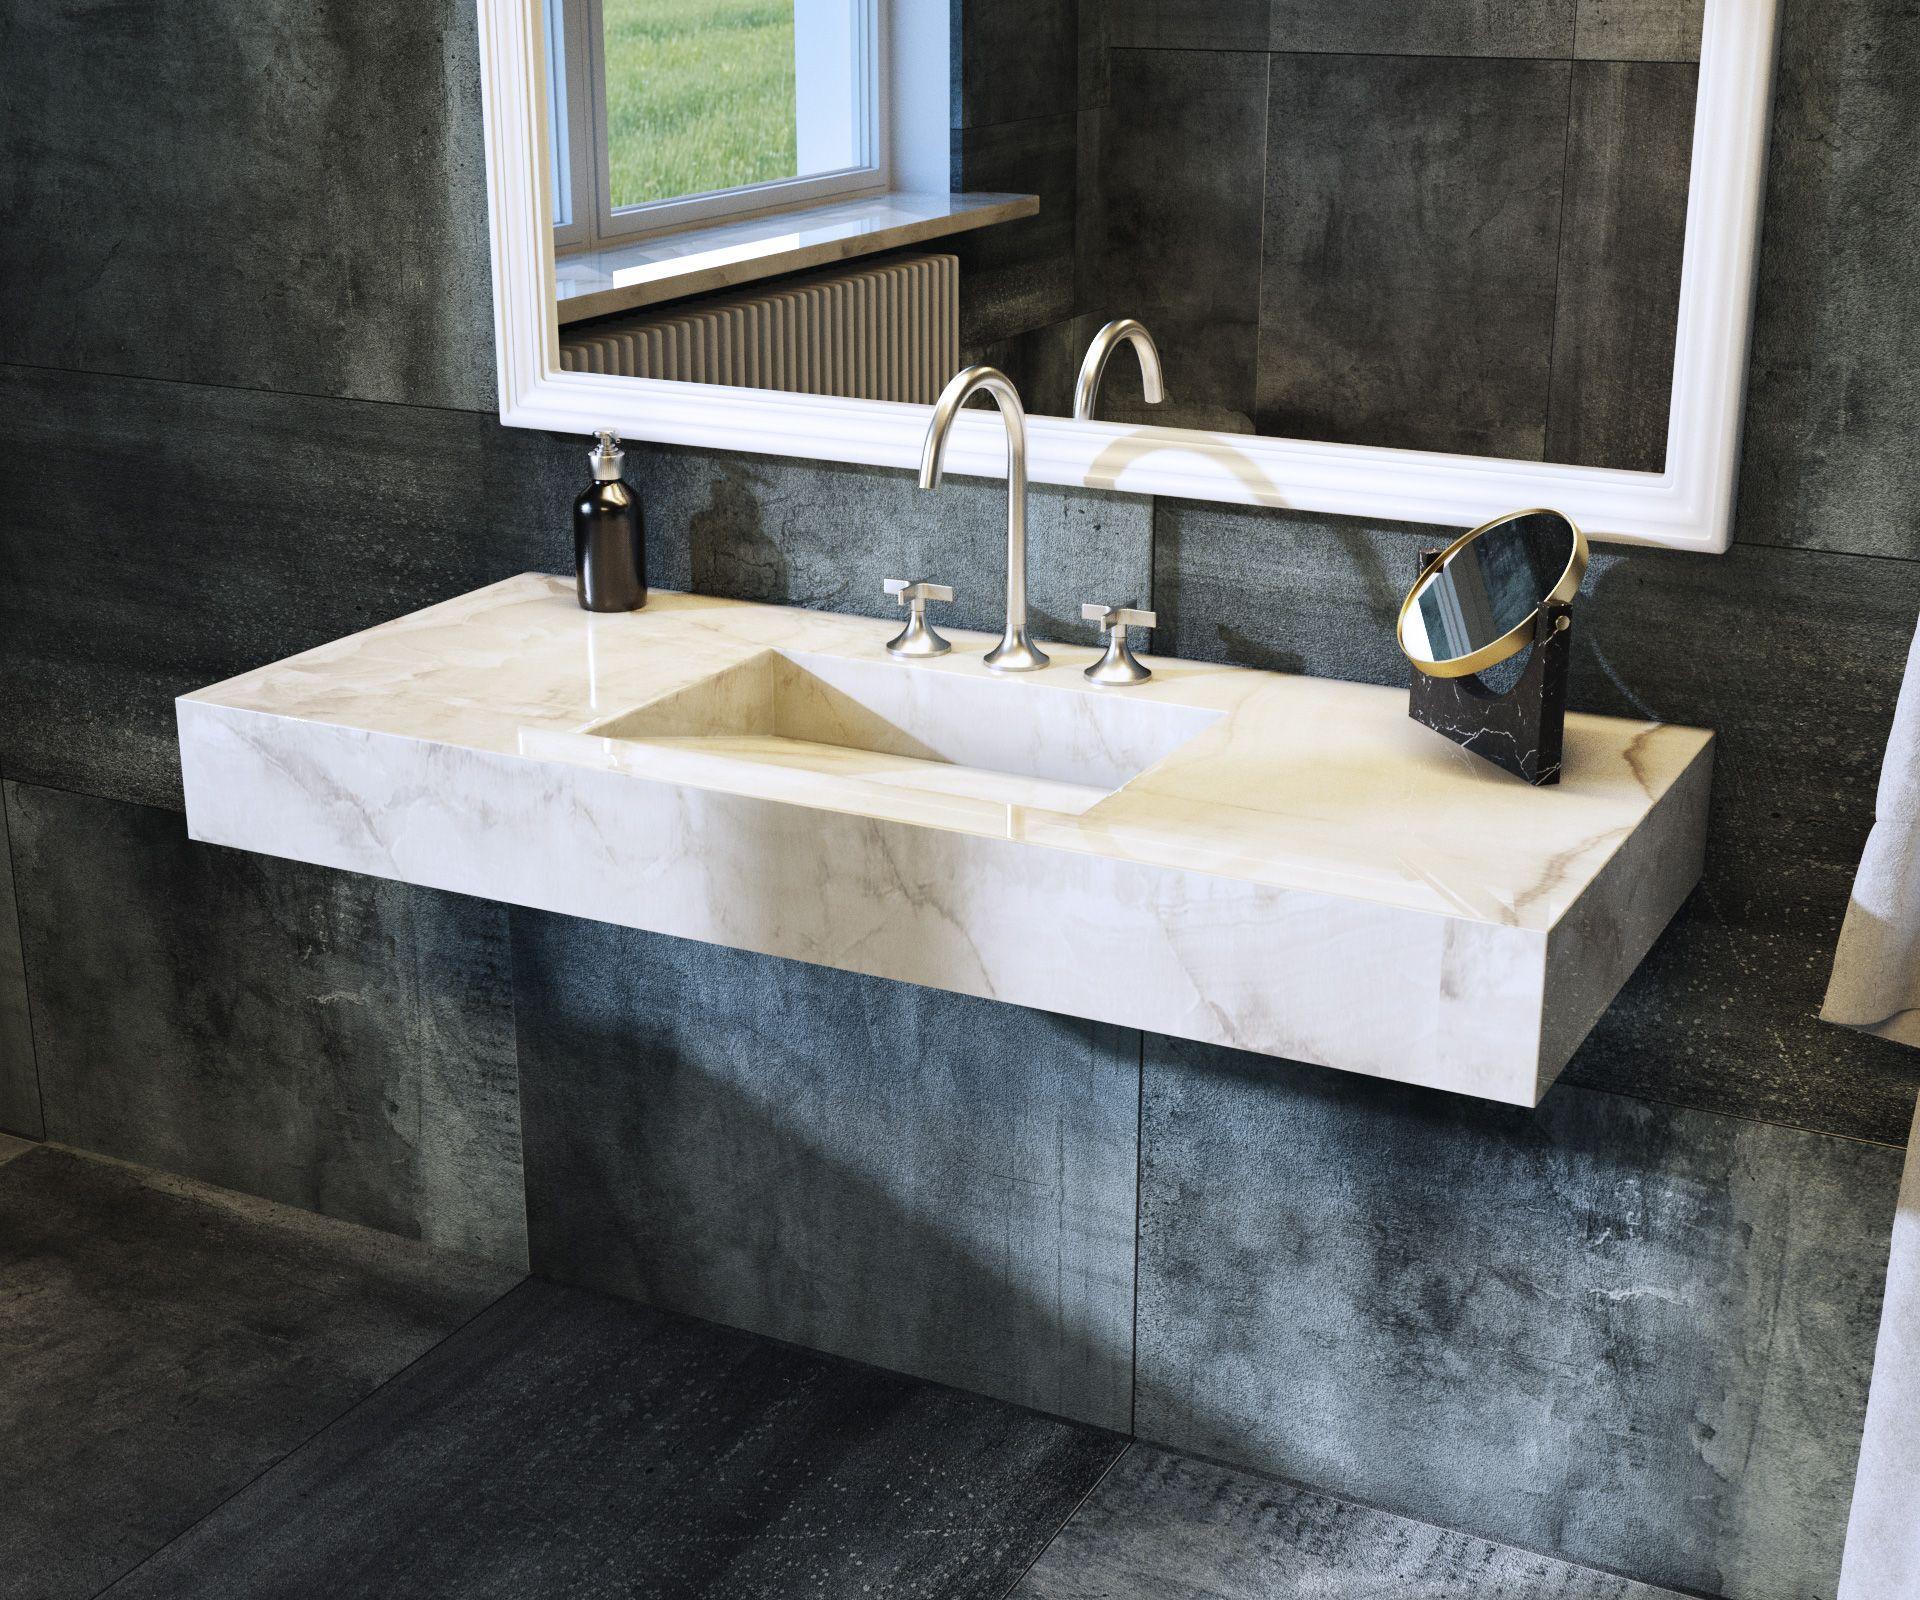 vasque en gres Plan vasque en céramique accompagné de sa vasque inclinée et intégrée dans  la masse, ce u2026 | Salle de bain, céramique bright onyx, carrelage grès  cérame ...